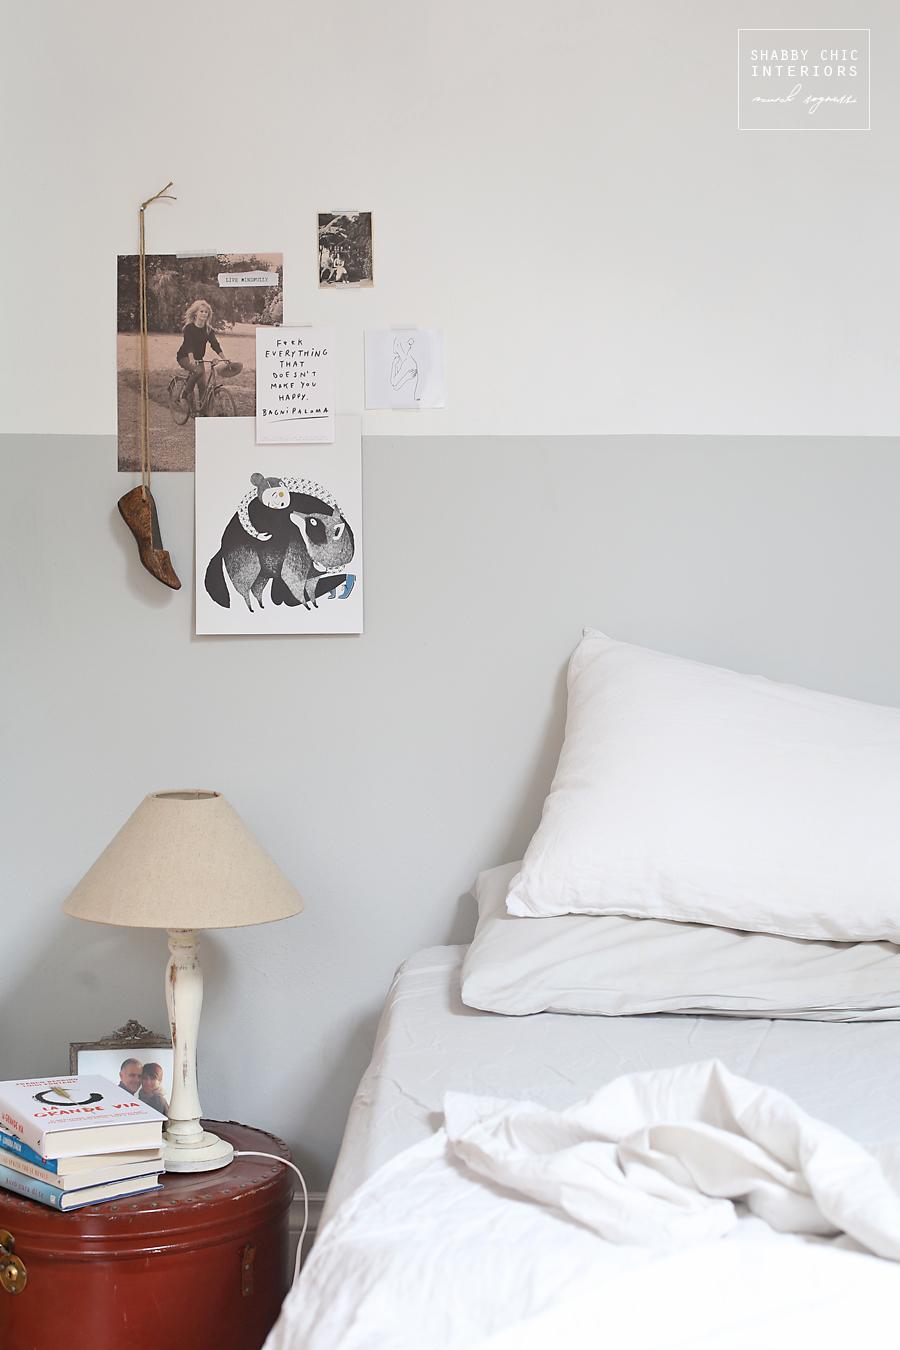 La mia nuova camera da letto shabby chic interiors for Nuova camera da letto dell inghilterra